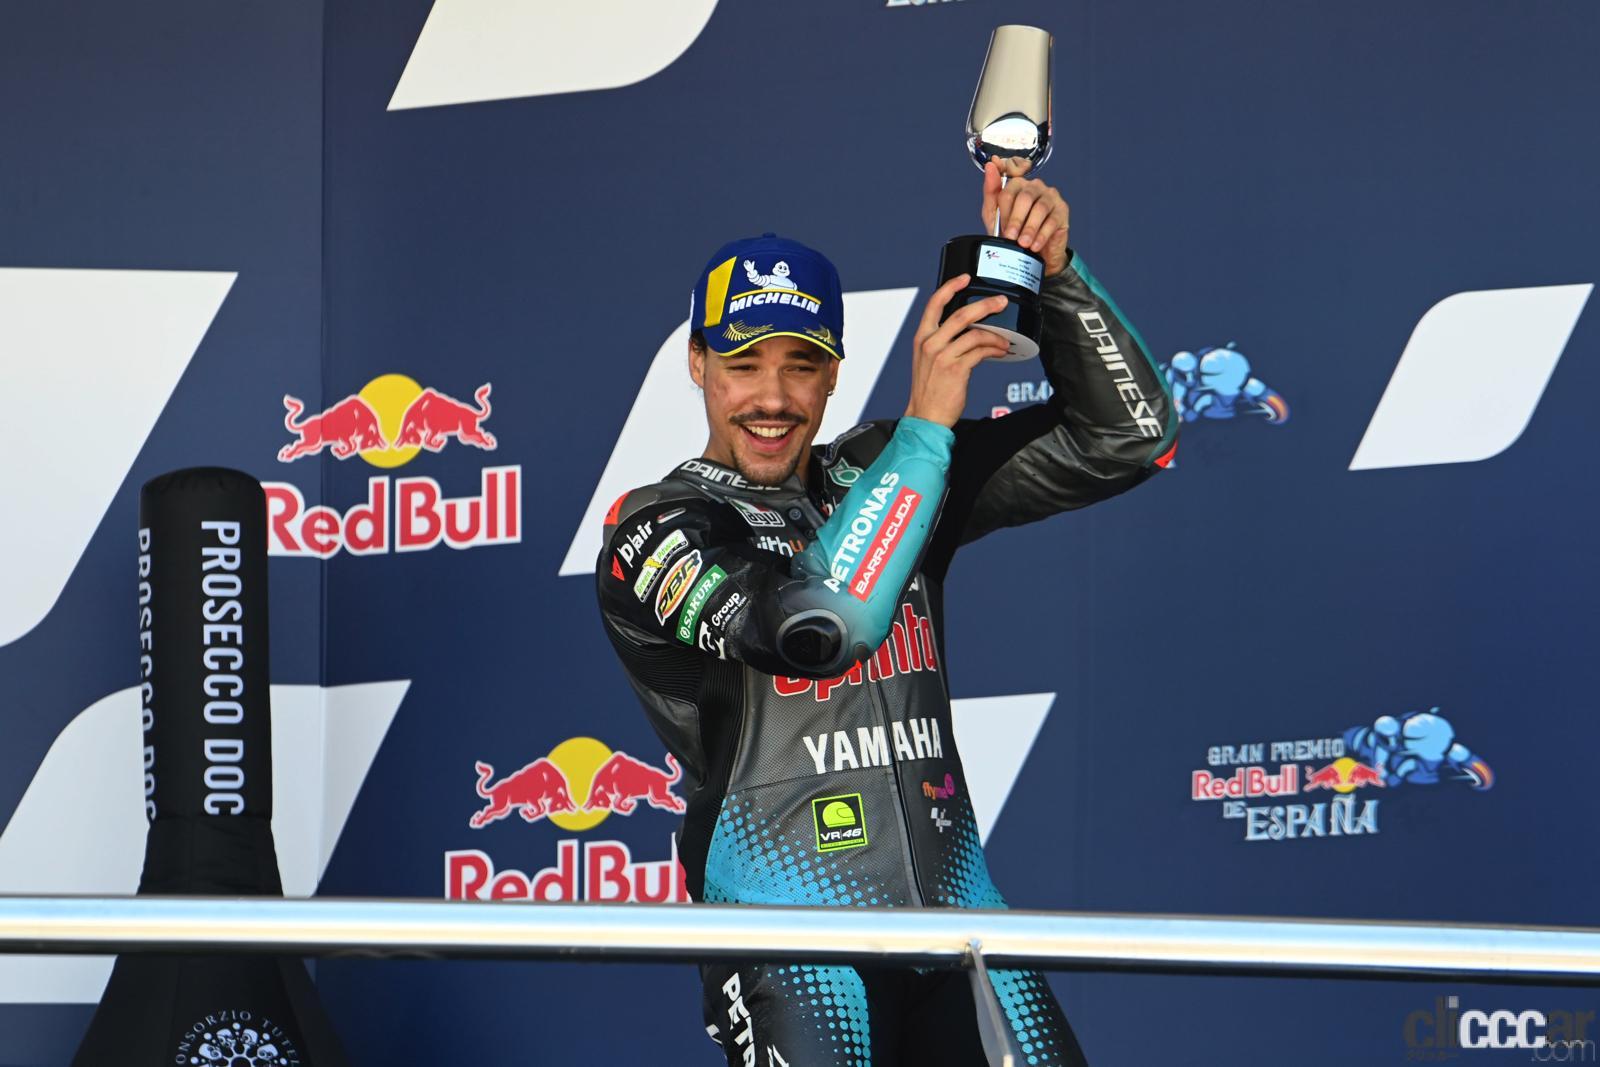 世界最高峰「MotoGP」ヤマハワークスにモルビデリが昇格! ロッシのチームメイトにはベテランのドビツィオーゾ復帰